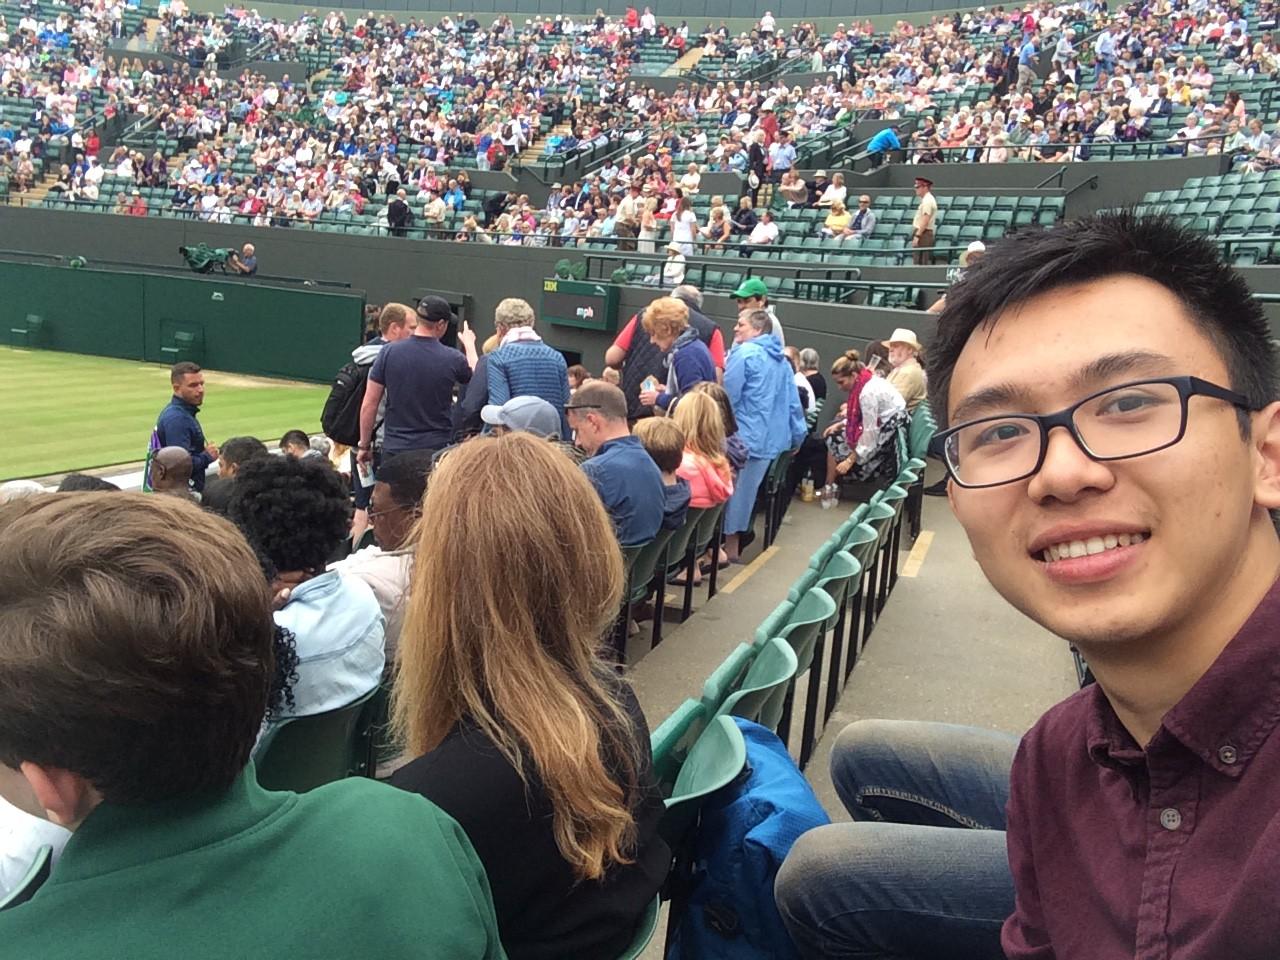 Chàng trai Hà Tĩnh chuẩn con nhà người ta: HCB Toán quốc tế, nhận học bổng tiến sĩ toàn phần khi mới học năm 3 - Ảnh 8.